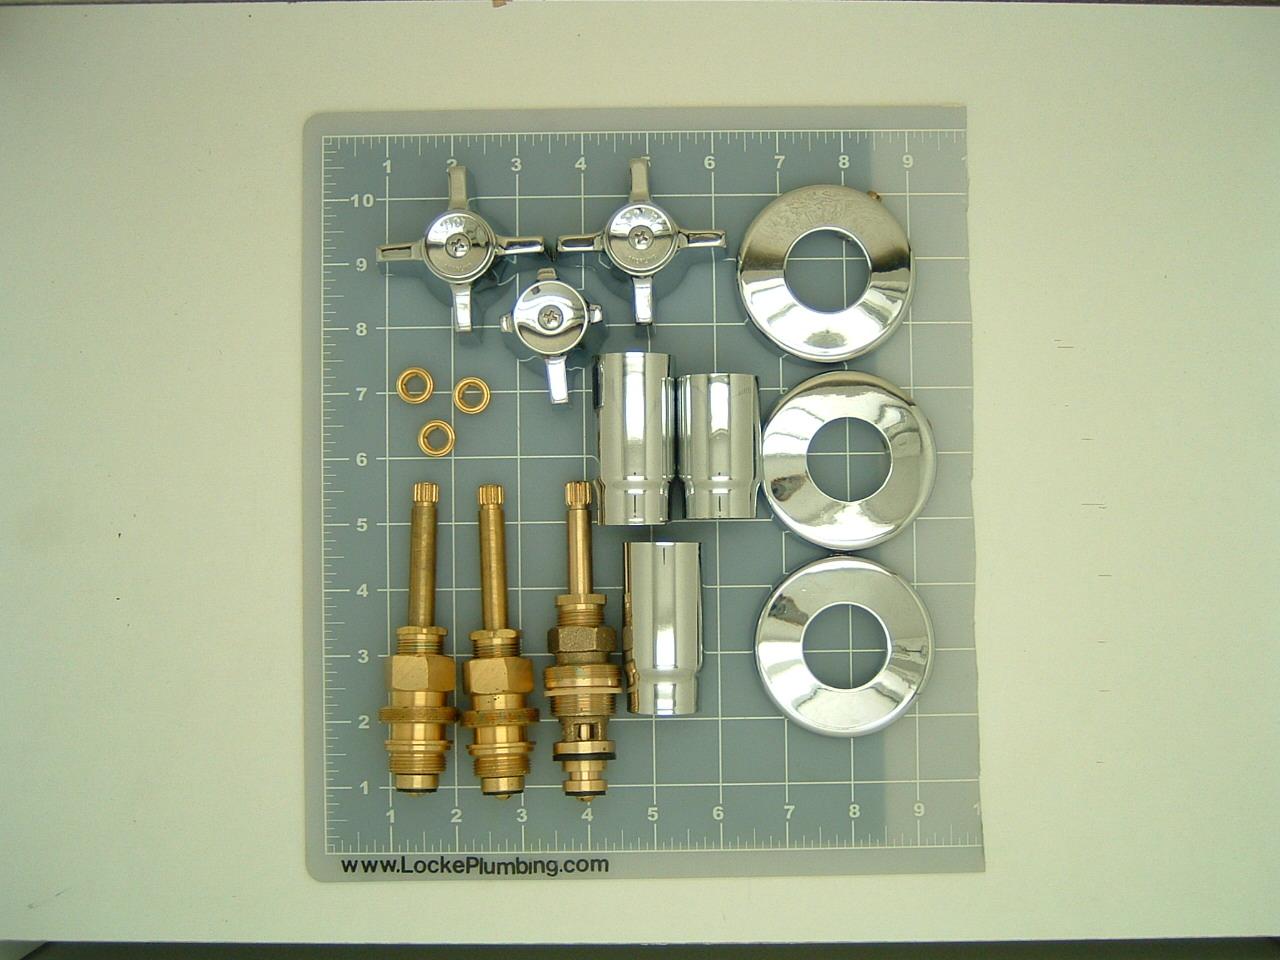 Sterling 105kit Faucet Rebuild Kit Locke Plumbing